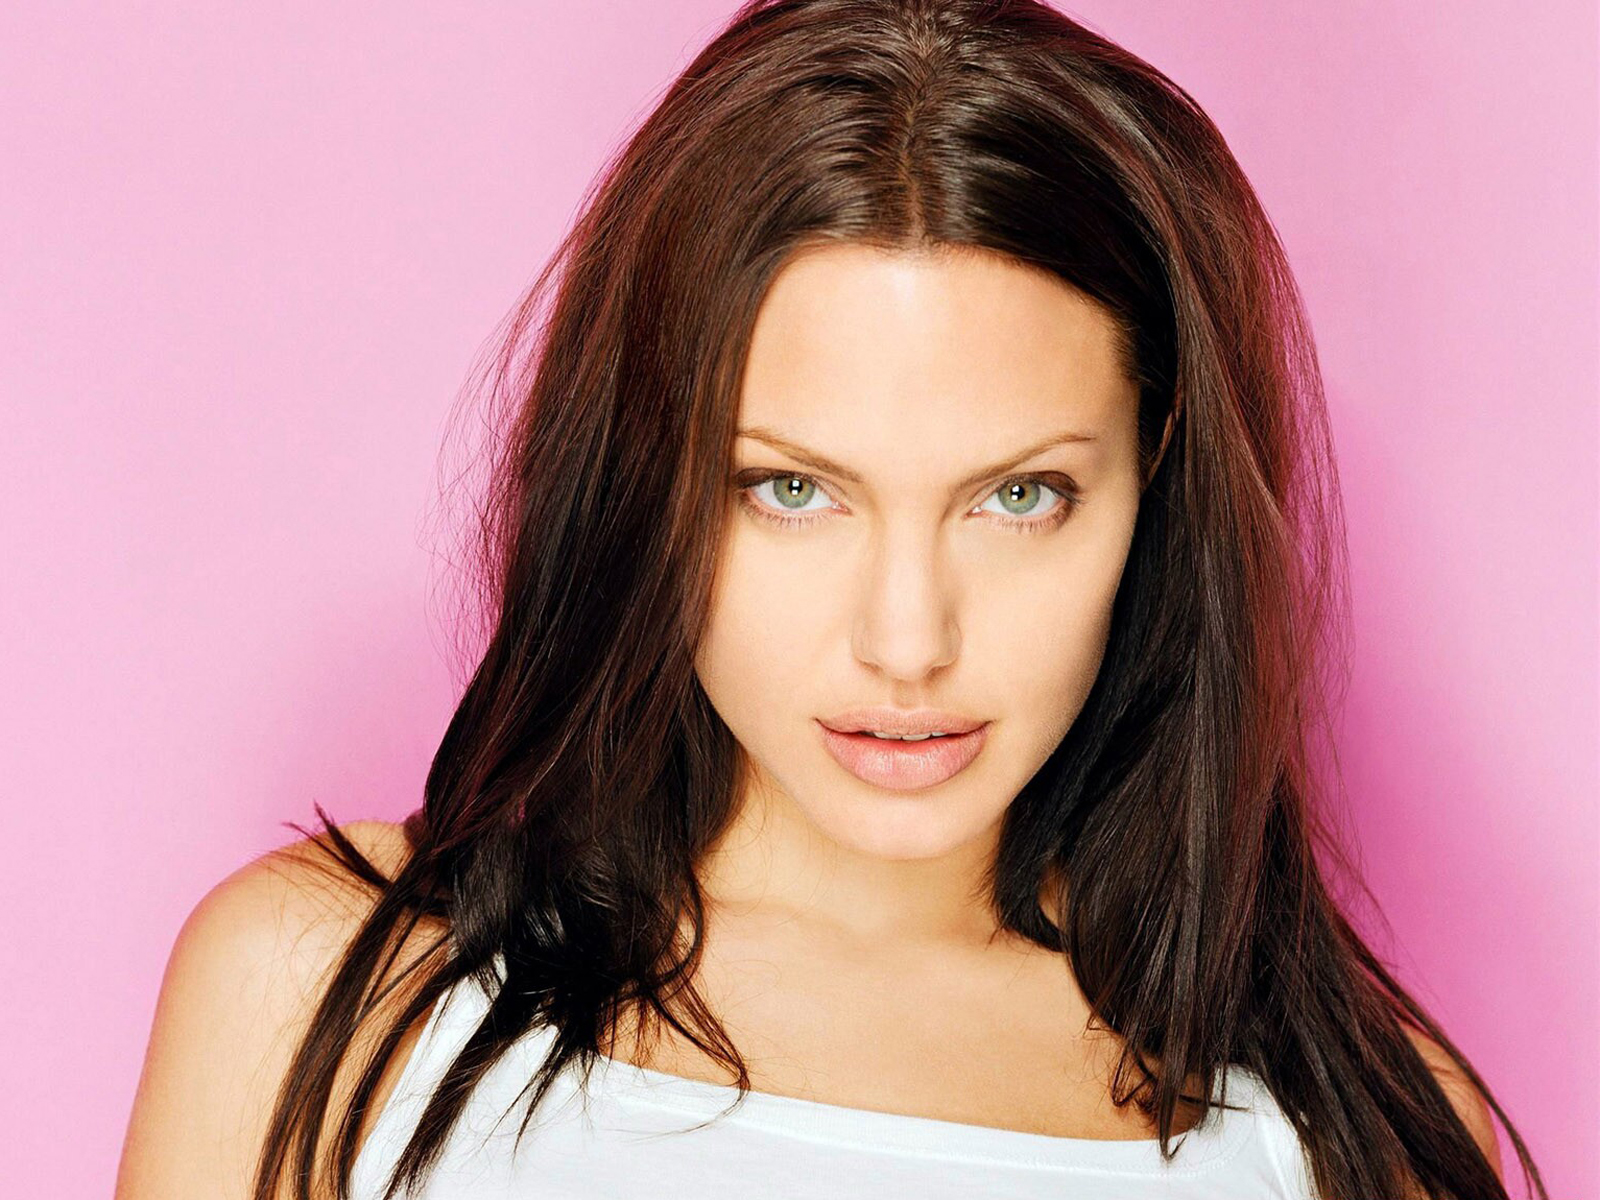 http://2.bp.blogspot.com/-DRq1tpouVzc/Txl2YneS69I/AAAAAAAABVE/FVW1hAwQvRo/s1600/Angelina-Jolie-Wallpapers-For-Desktop-2.jpg